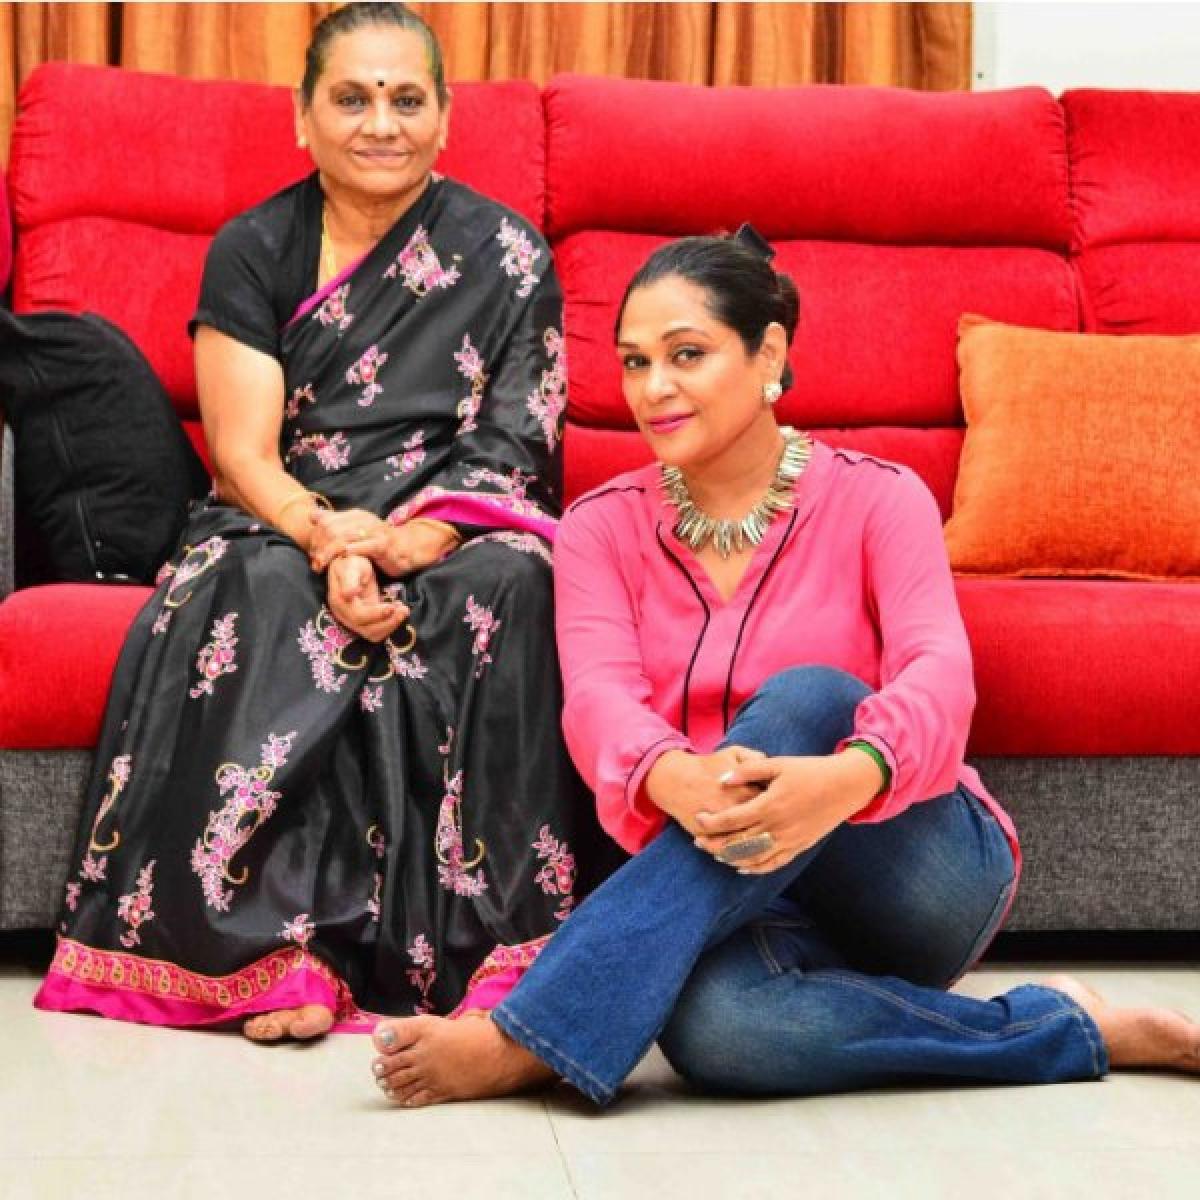 தைரியம் பழகிக்கோ! - மகள் உமா ரியாஸ்கான் - அம்மா கமலா காமேஷ்